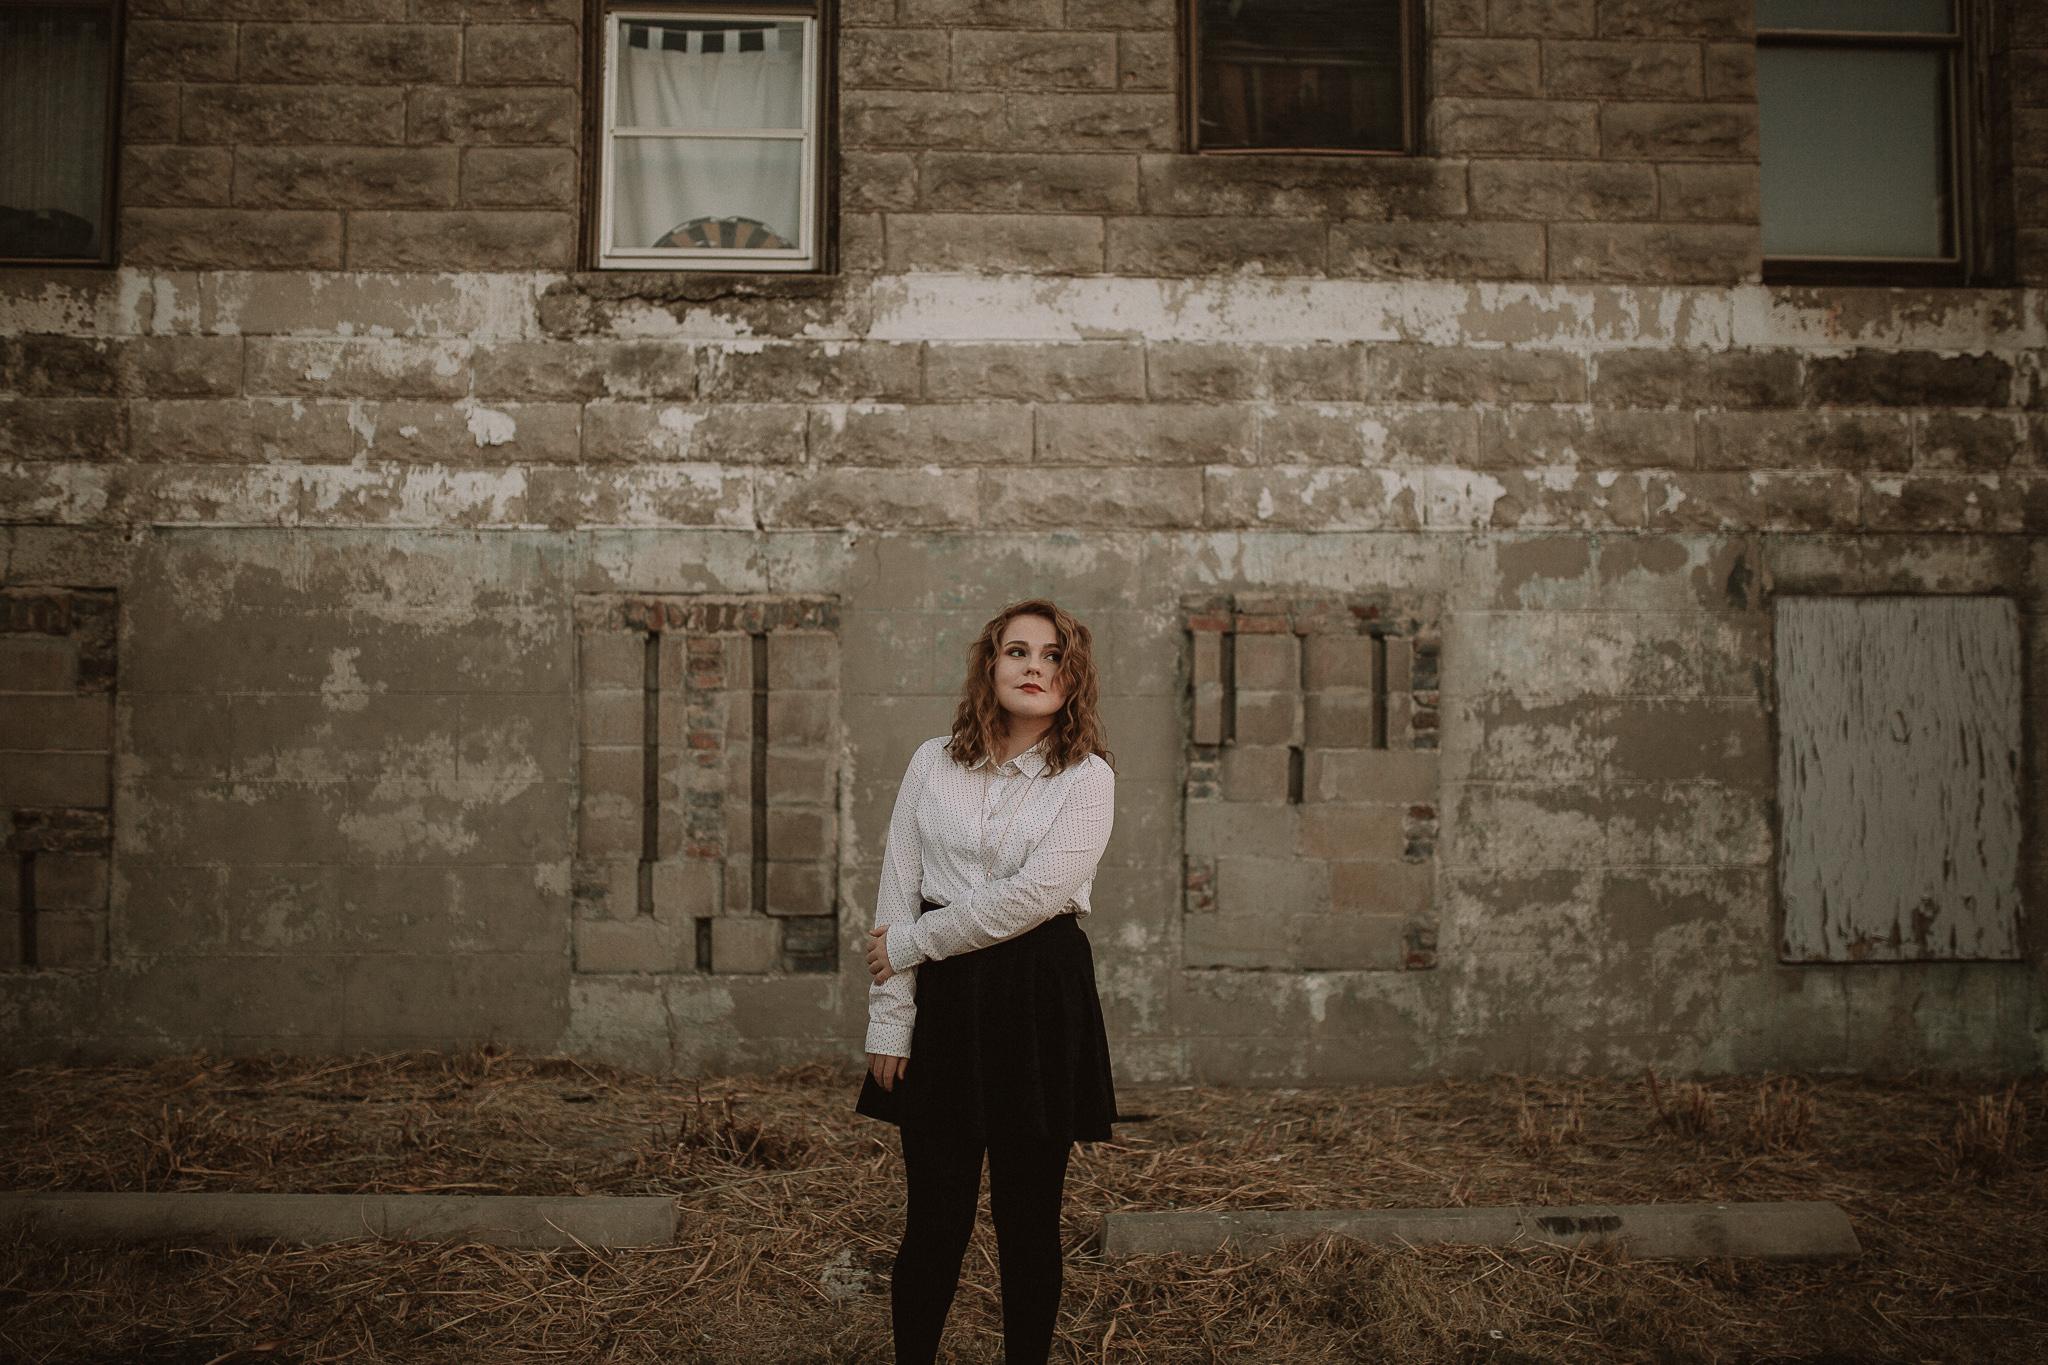 memphis-portrait-photographer-downtown-memphis-senior-pictures-cassie-cook-photography